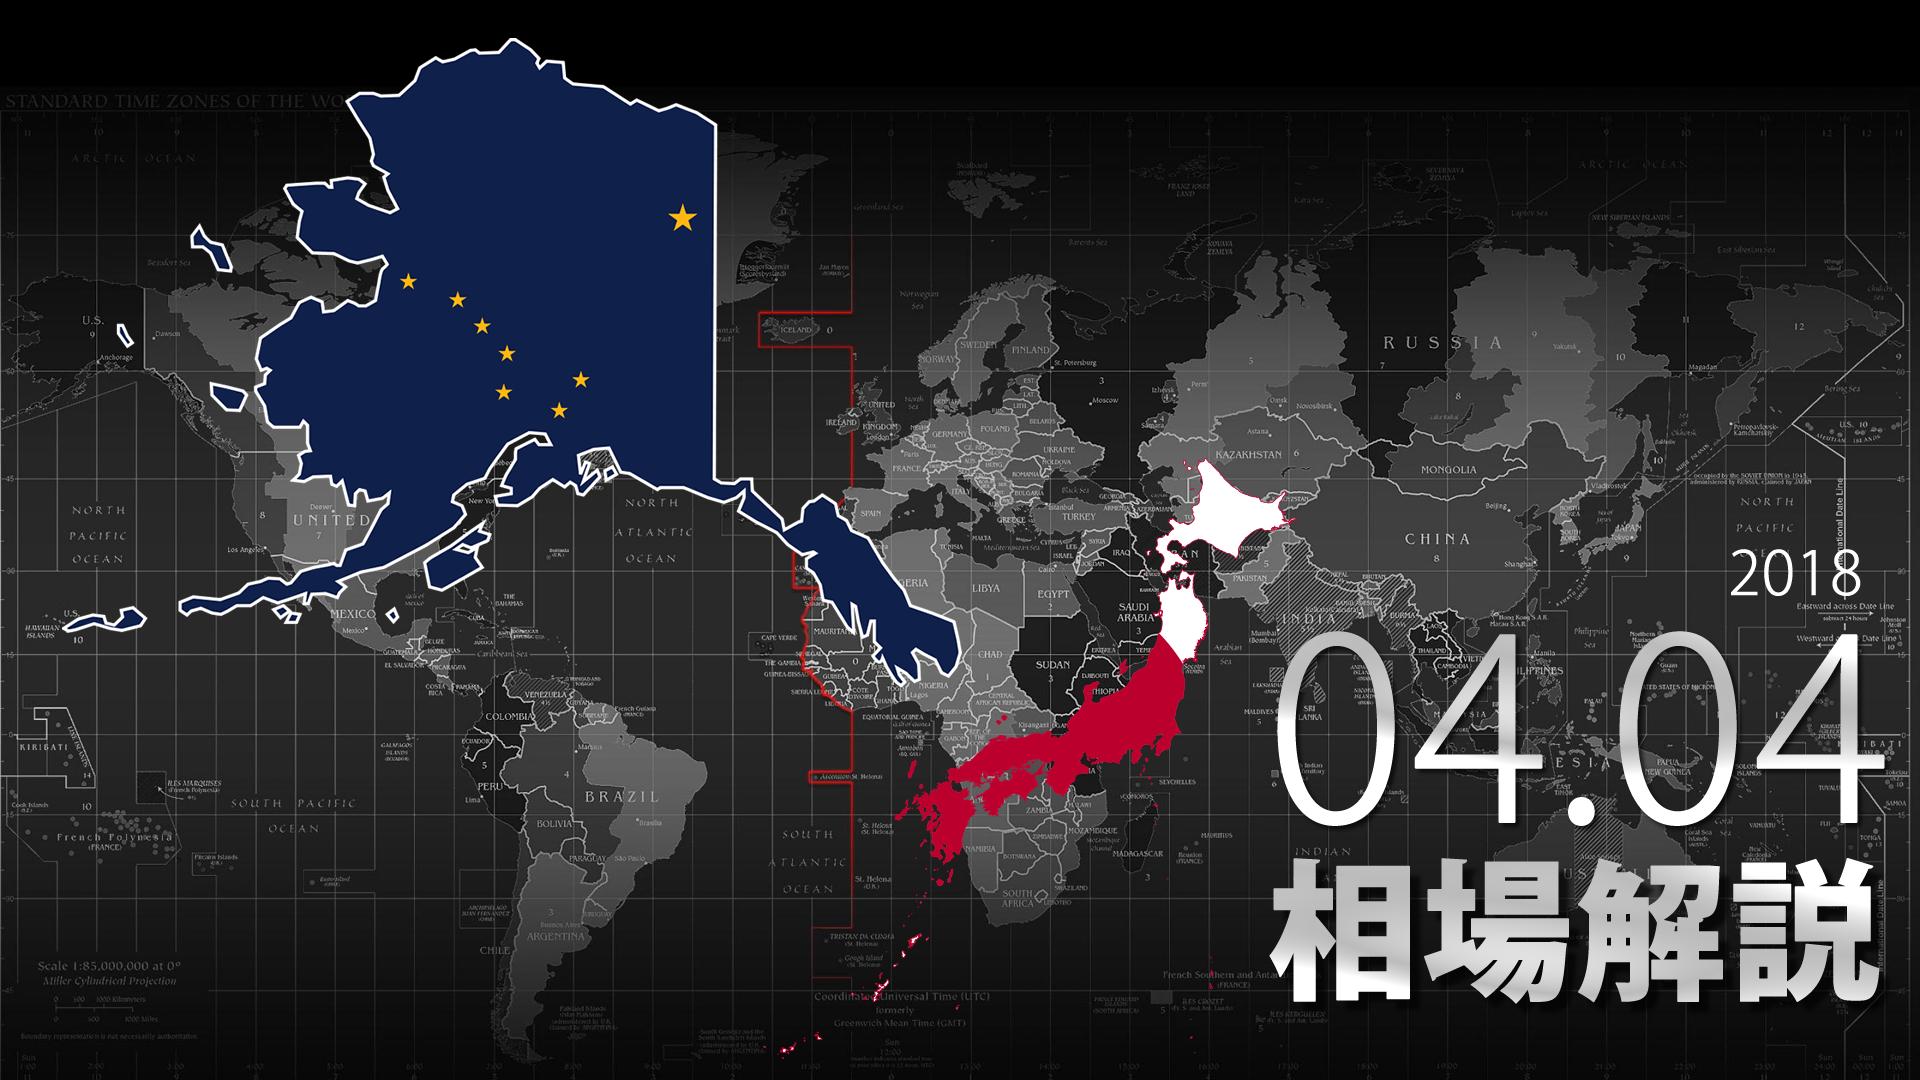 中国、アメリカへの報復関税発表。米政府の火消しで落ち着いた感もあるが果たして?